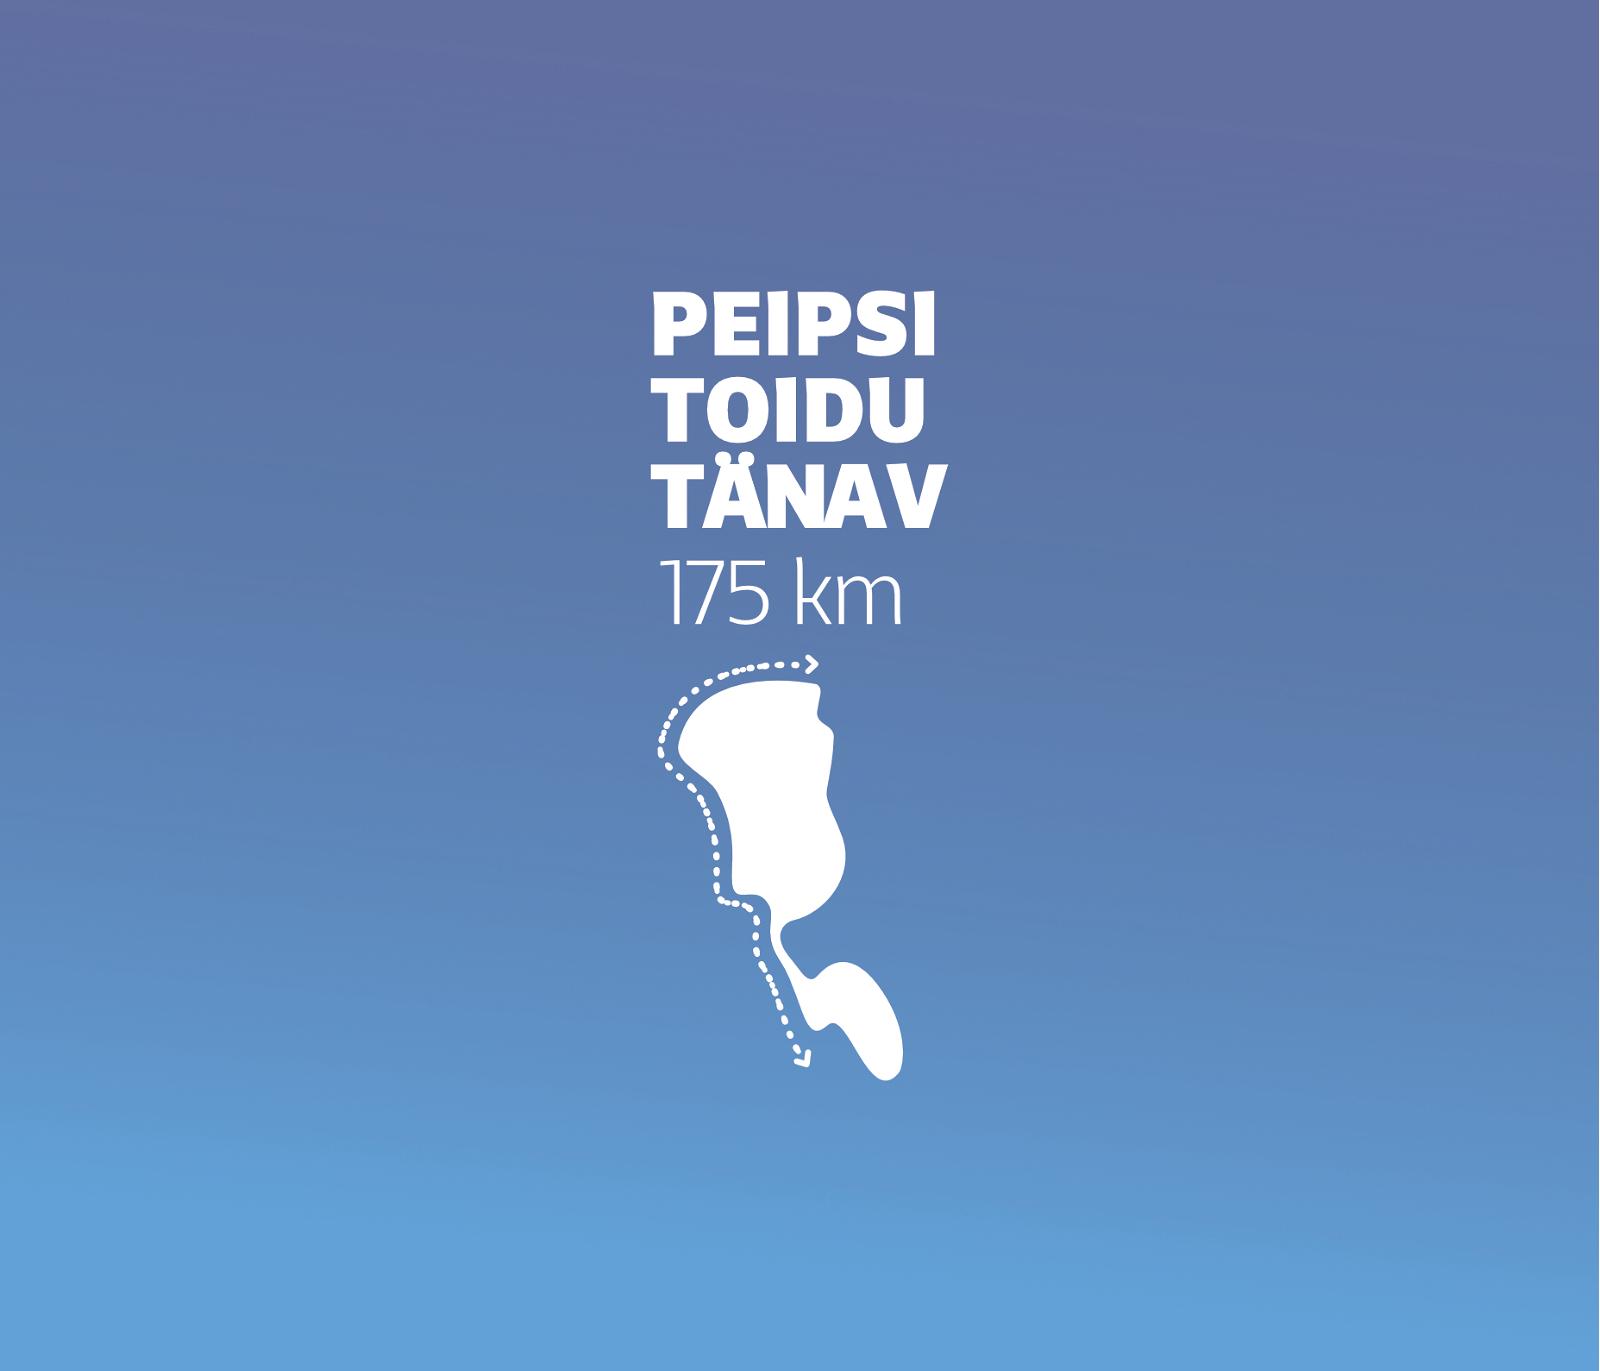 Peipsi+Toidu+Tänav+-+logo+FB_